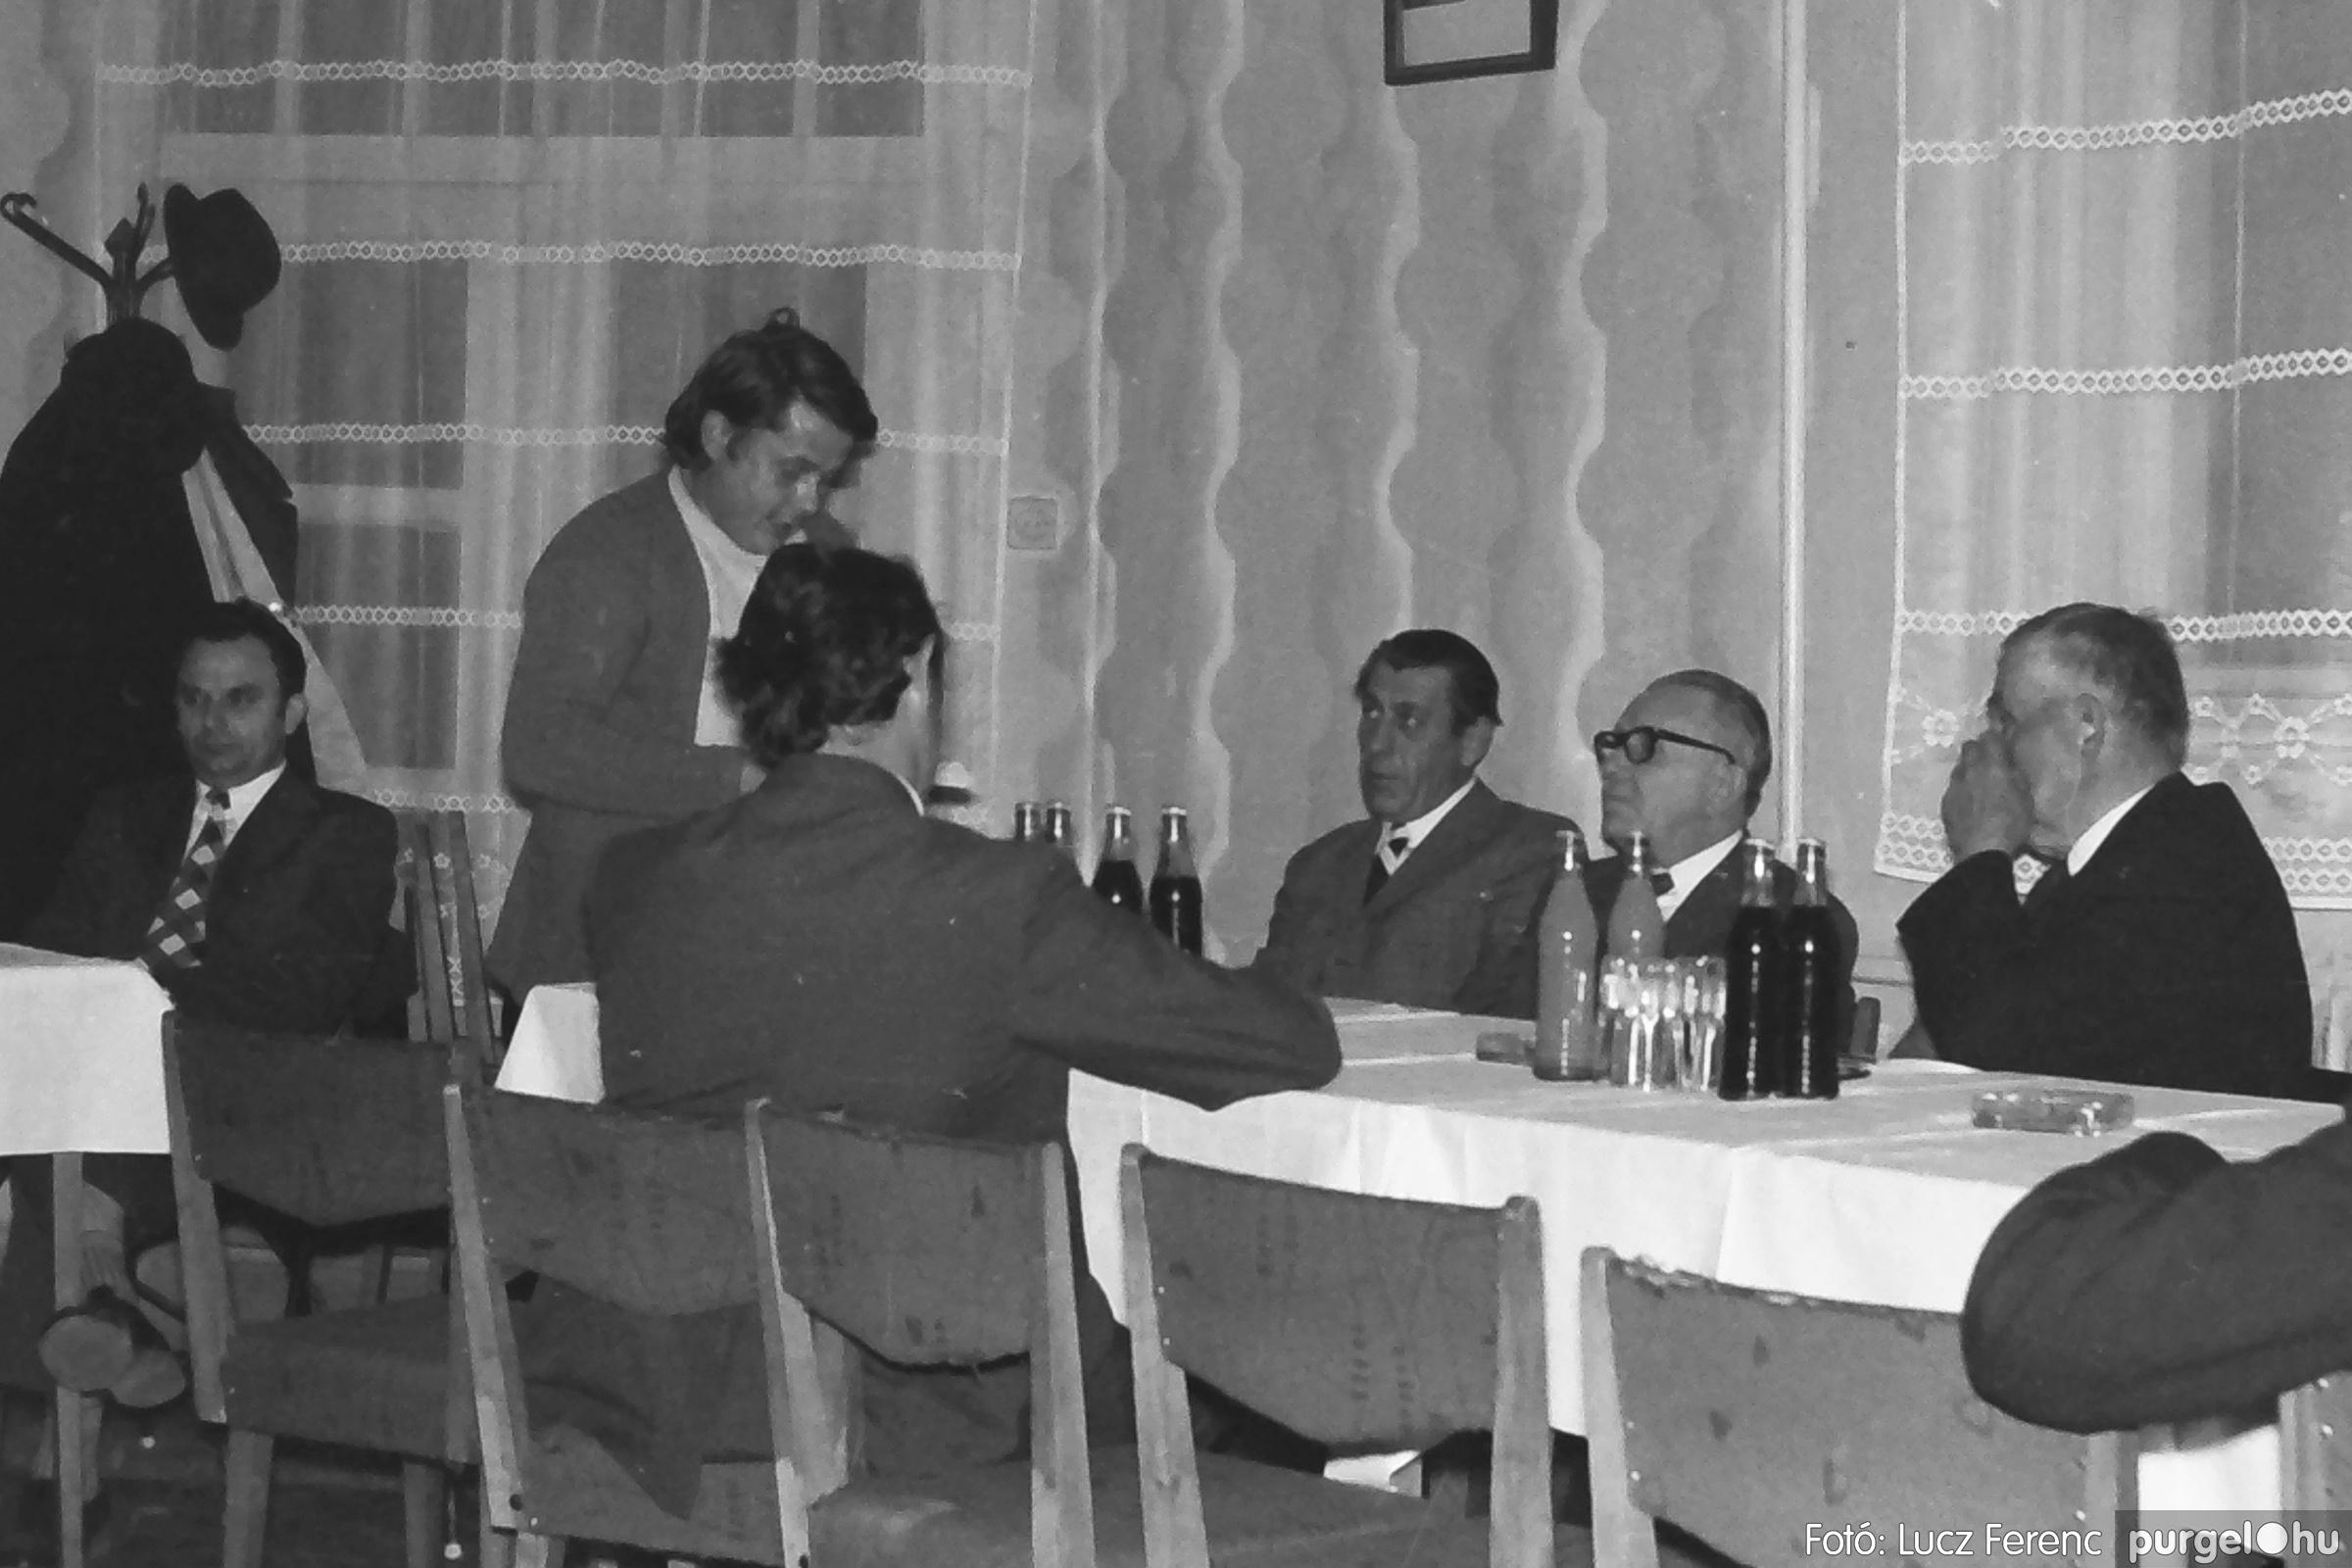 042. 1976. Összejövetel a vendéglőben 003. - Fotó: Lucz Ferenc - IMG00252q.jpg